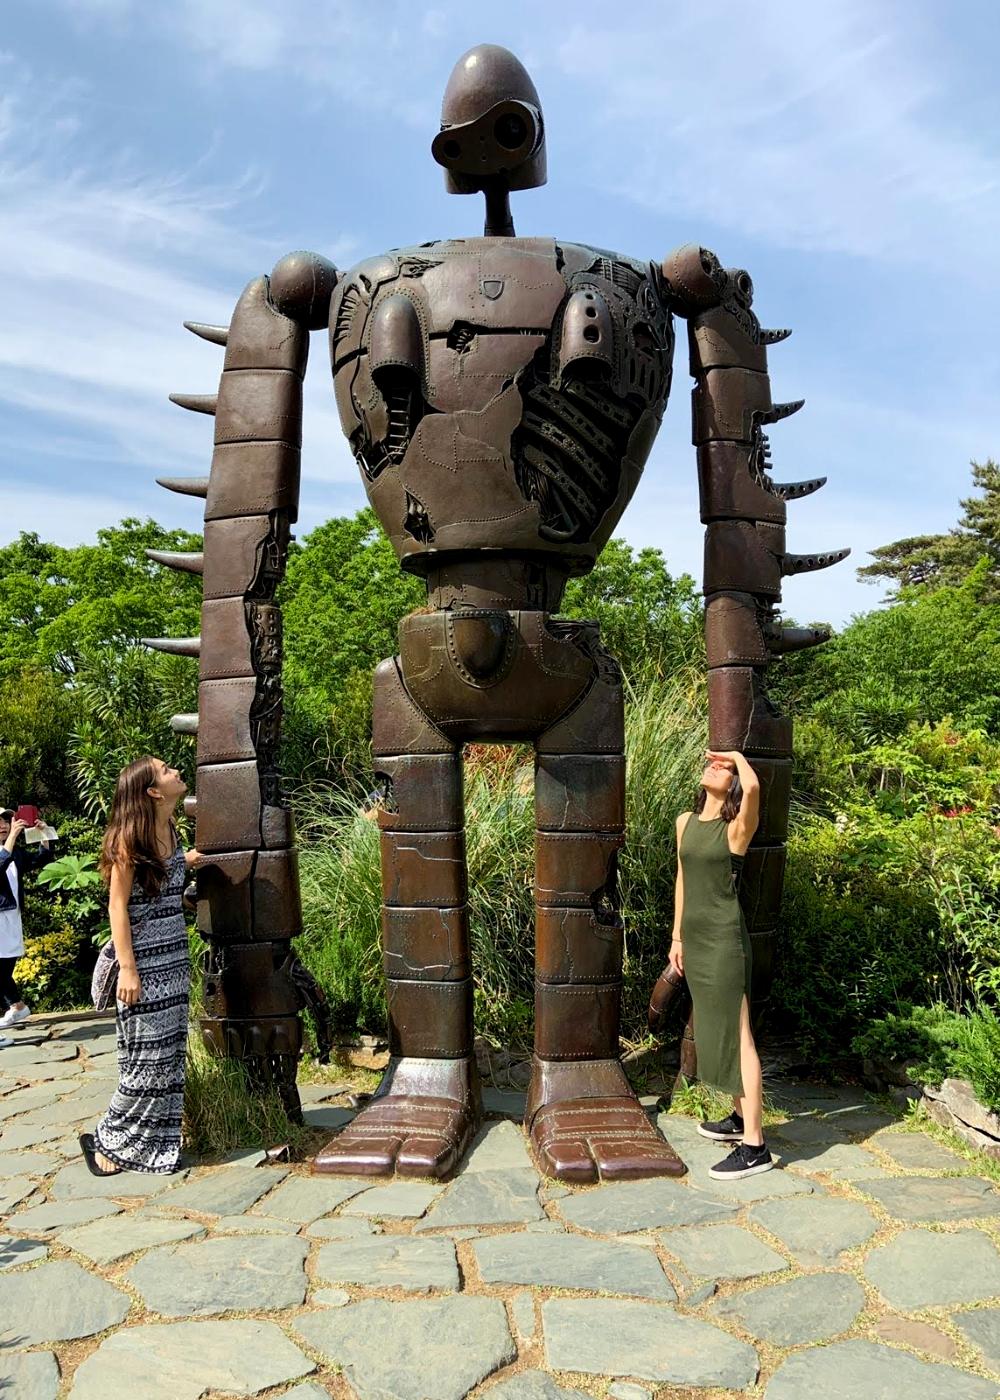 Robot - Exploring the Studio Ghibli Museum